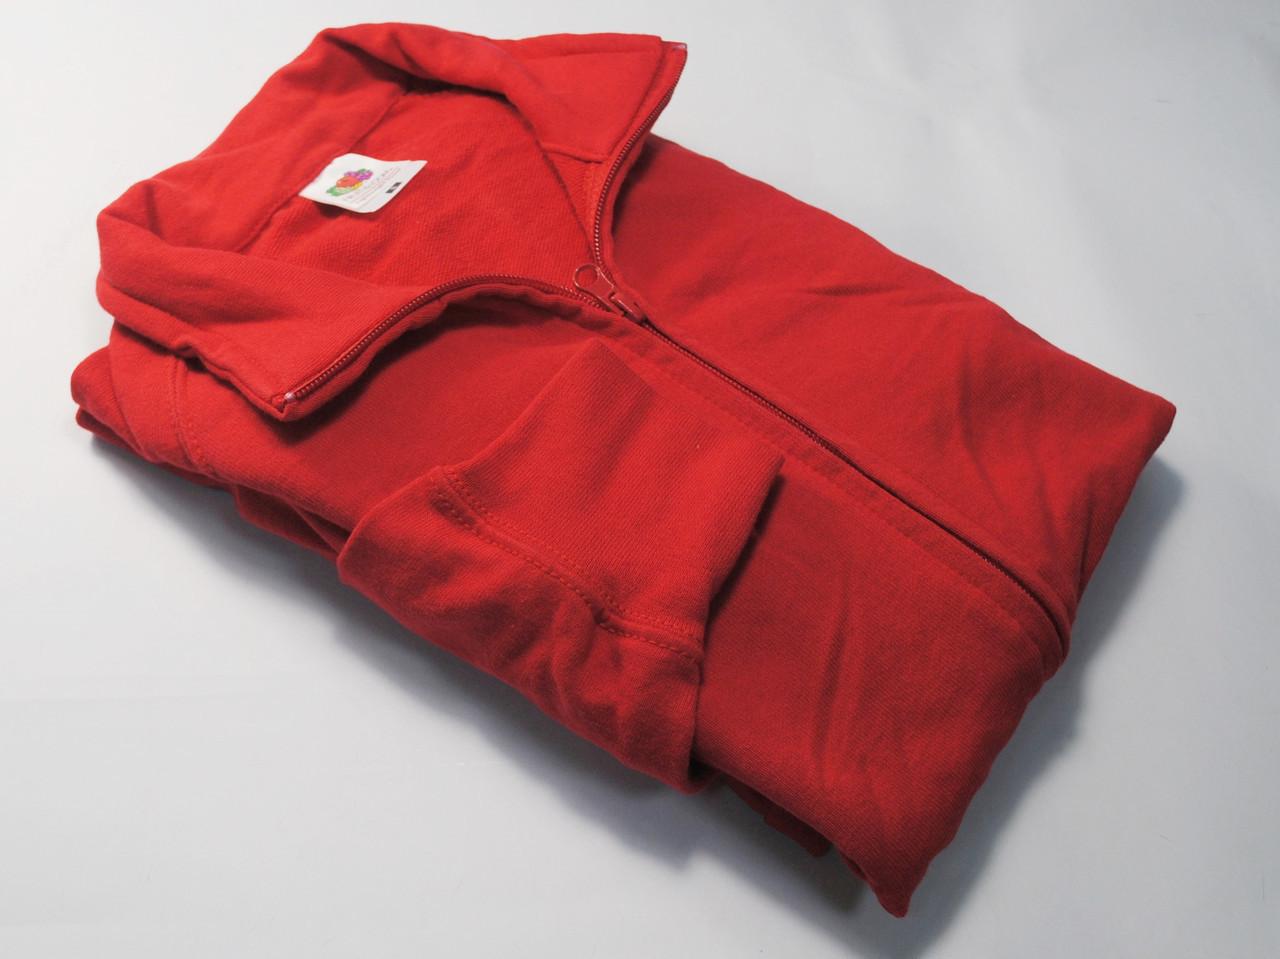 Лёгкая мужская кофта на молнии Красная размер XL 62-160-40